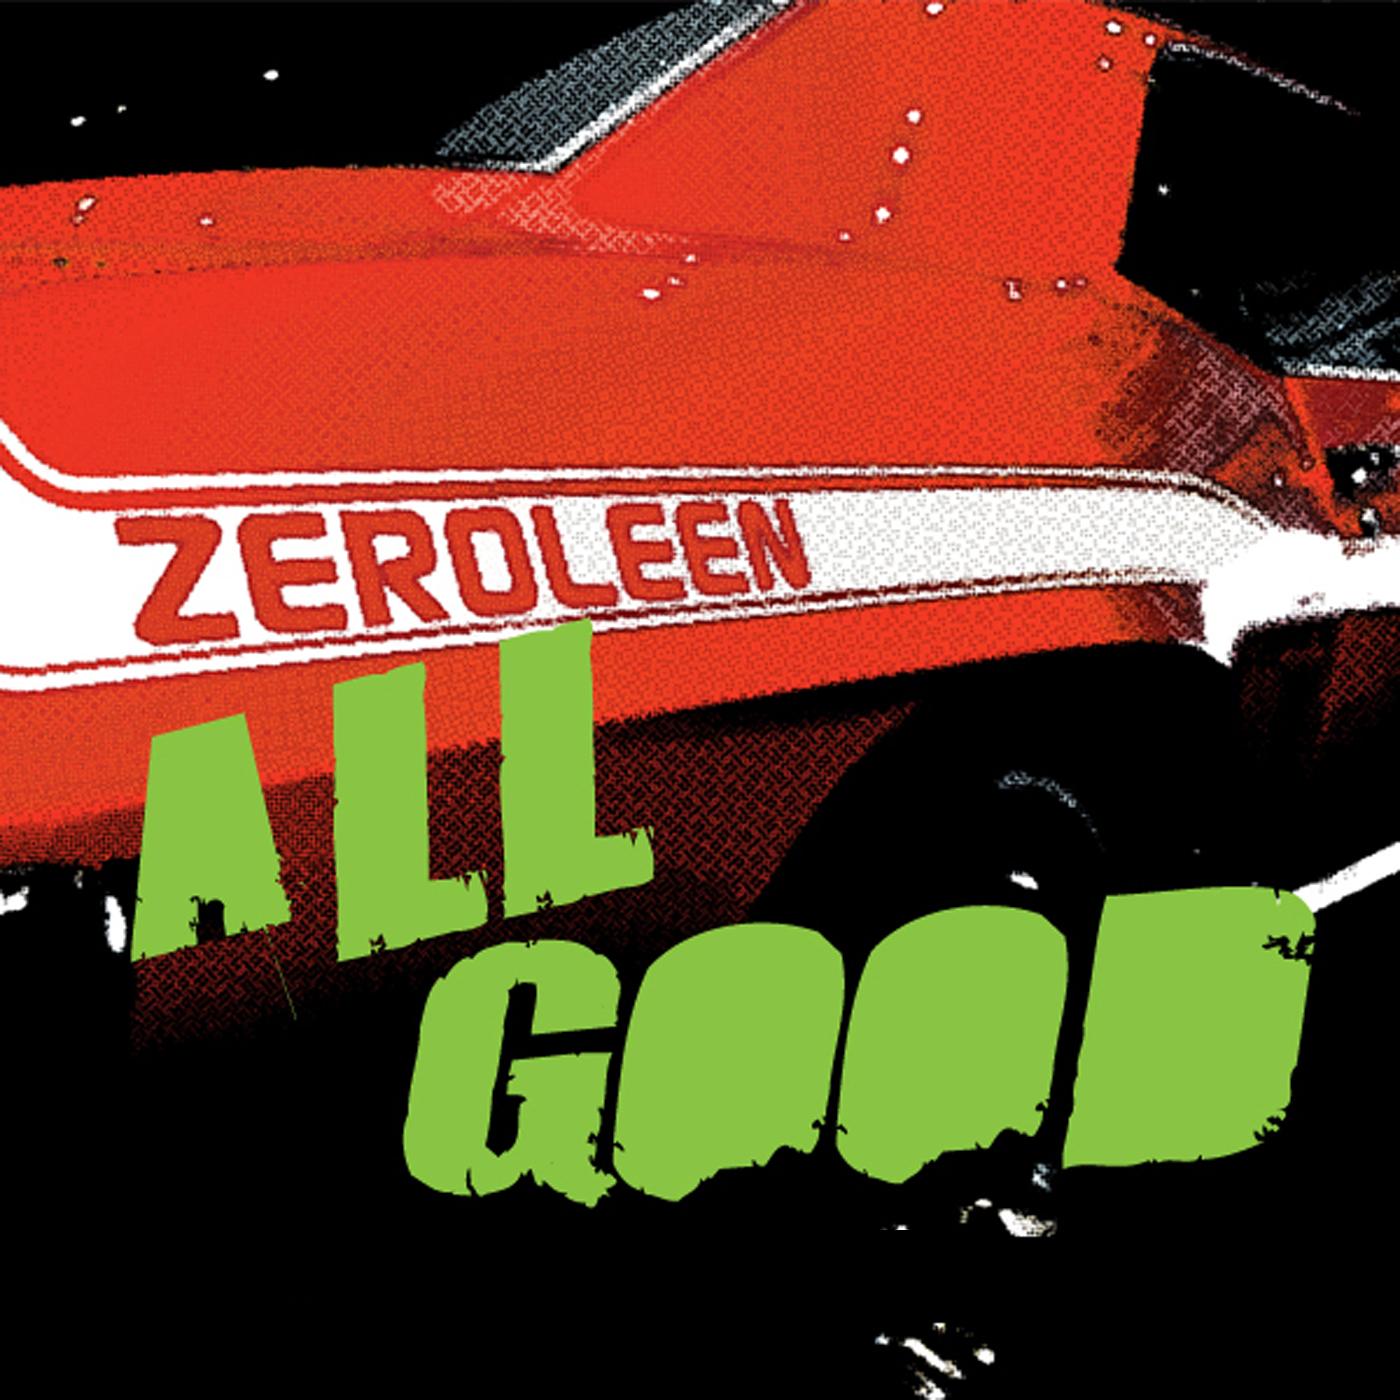 ZEROLEEN_All Good copy.jpg